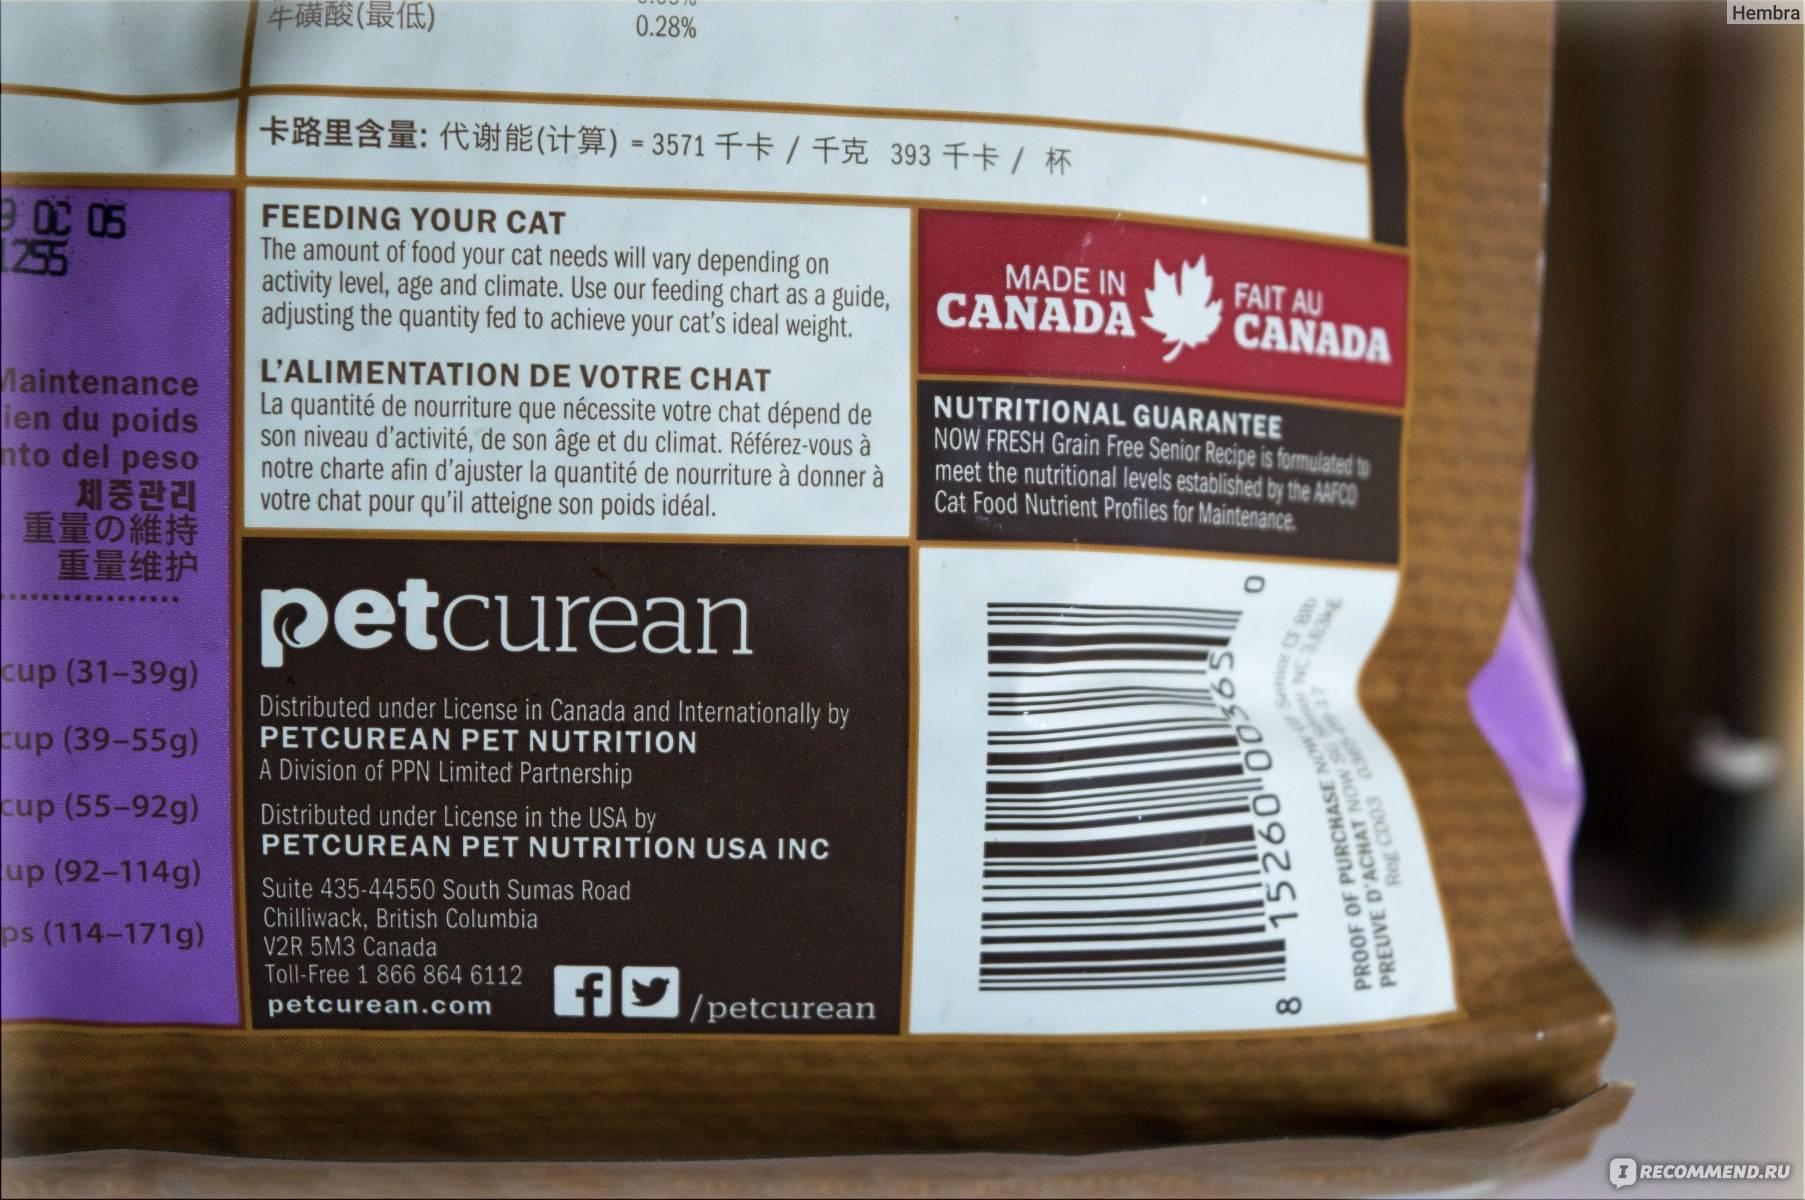 Корм для кошек now: 4 популярных вида, отзывы, стоит ли давать